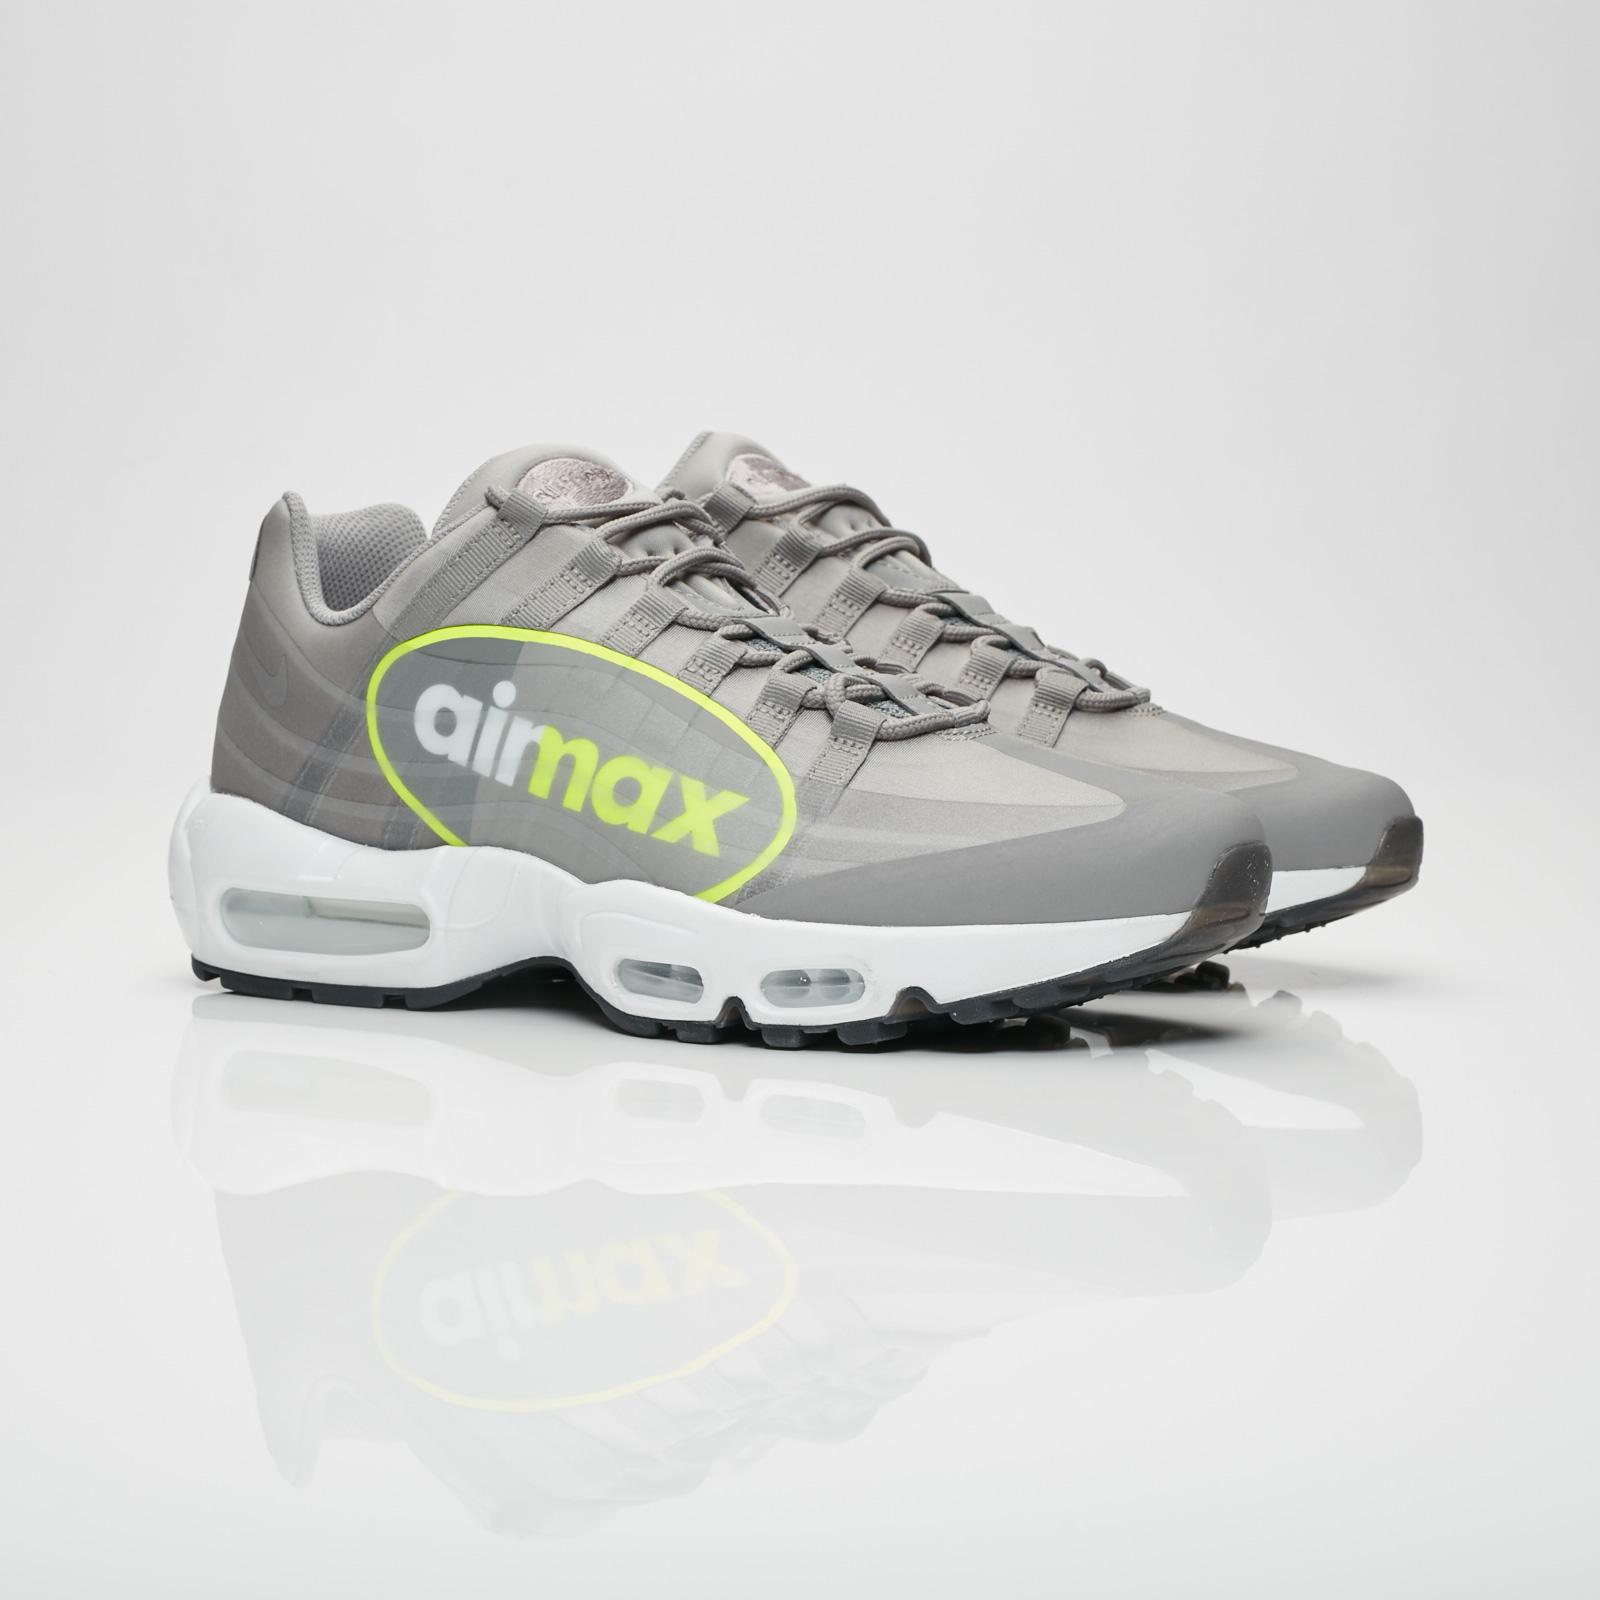 4cb77587e2597 Nike Air Max 95 NS GPX - Aj7183-001 - Sneakersnstuff